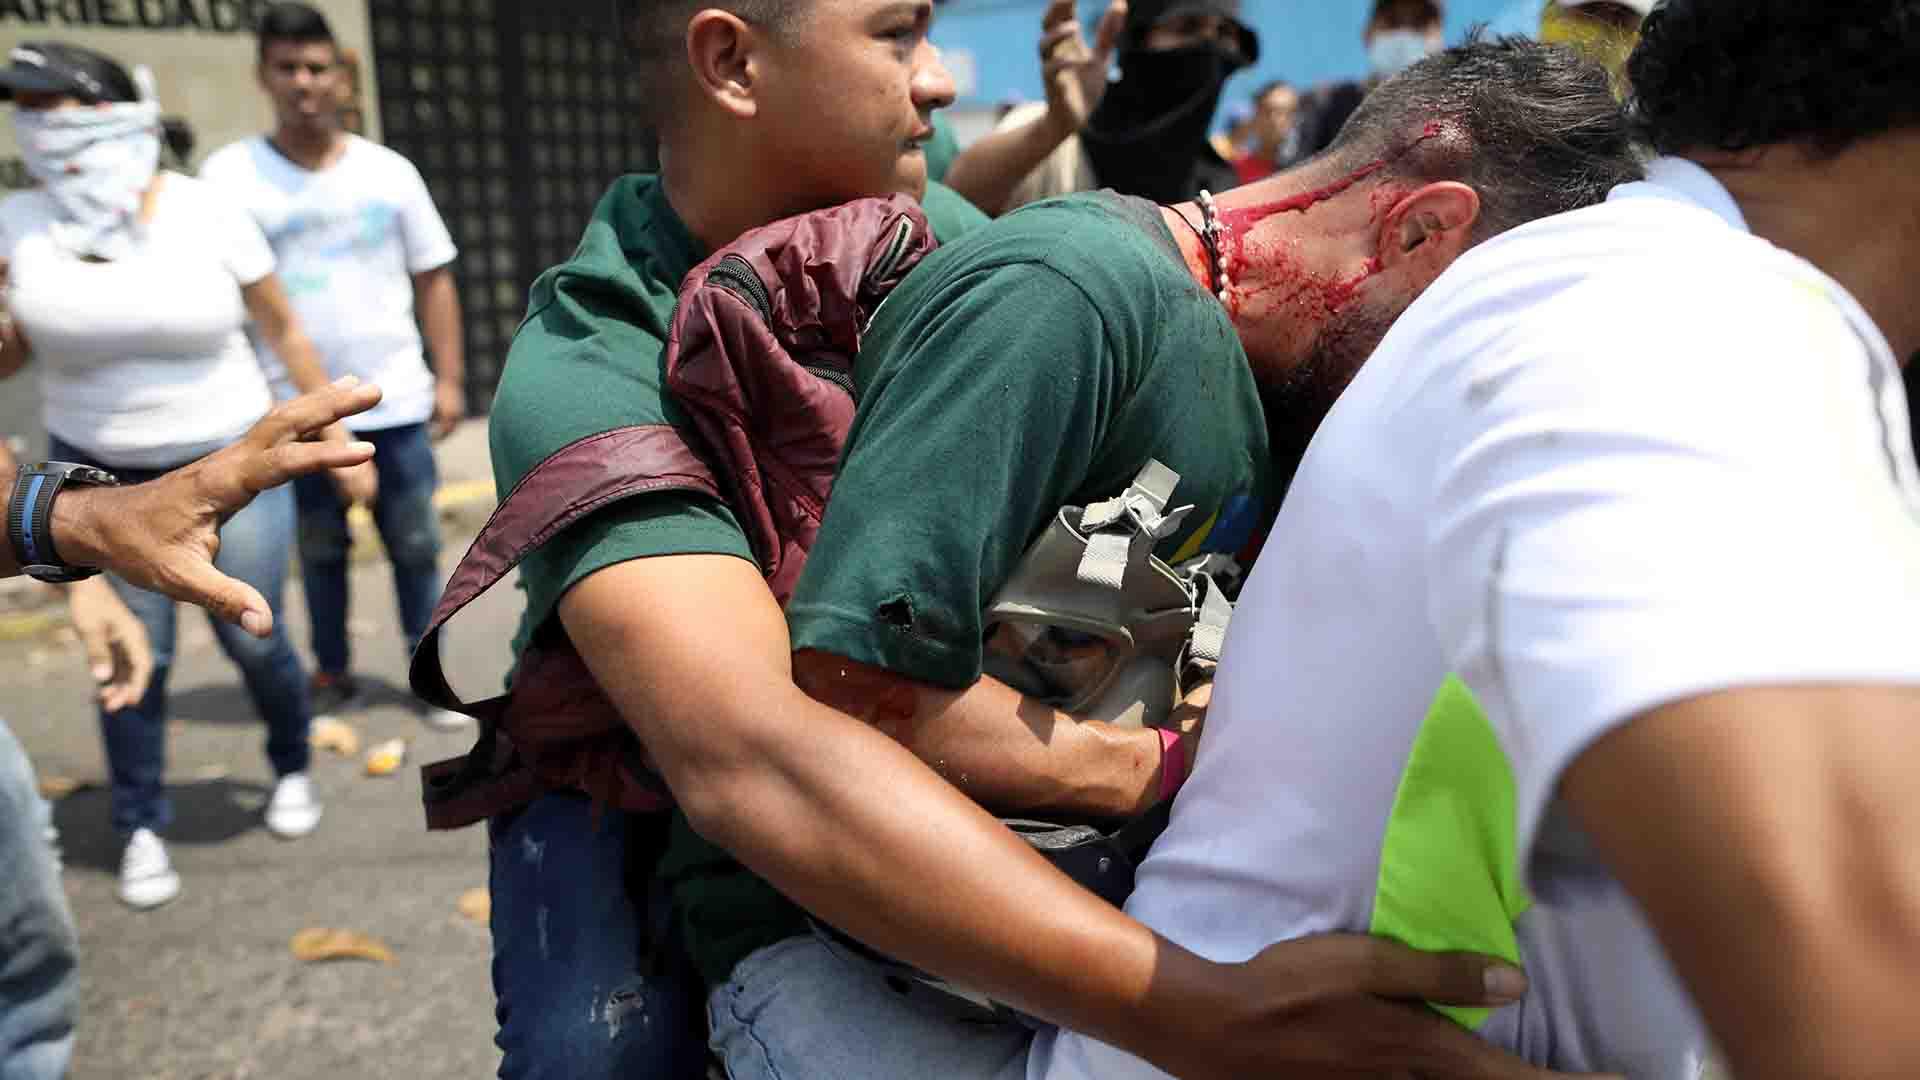 Un manifestante herido recibe ayuda de otros después de enfrentarse con las fuerzas de seguridad en Ureña, Venezuela )Reuters)